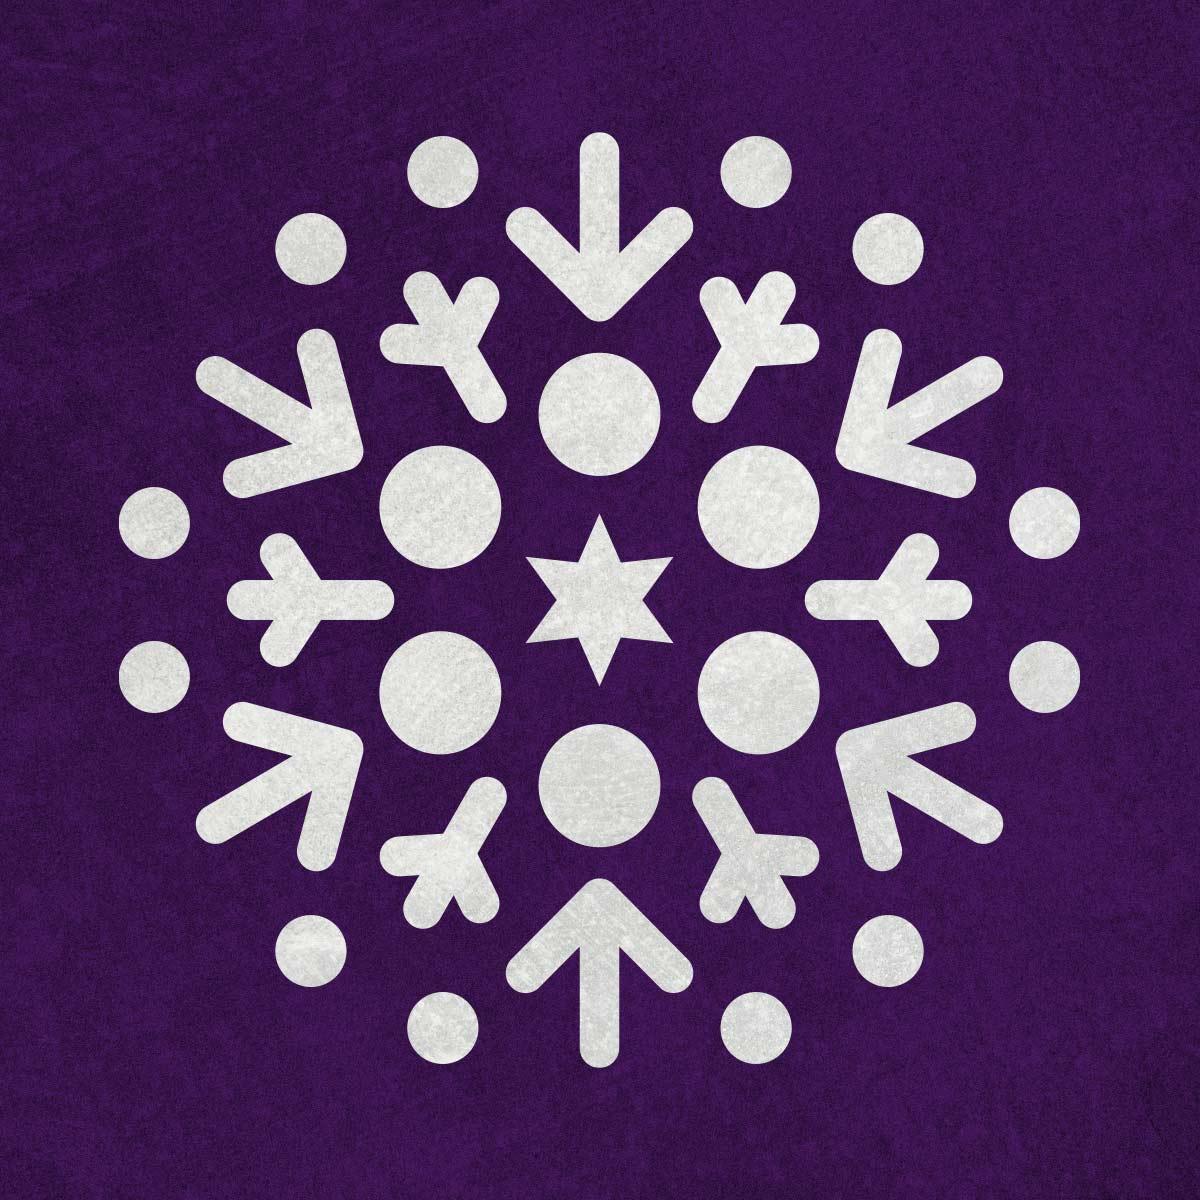 Płatek śniegu, śnieżynka - świąteczny szablon malarskie wielokrotnego użytku, wizualizacja na ciemnym tle